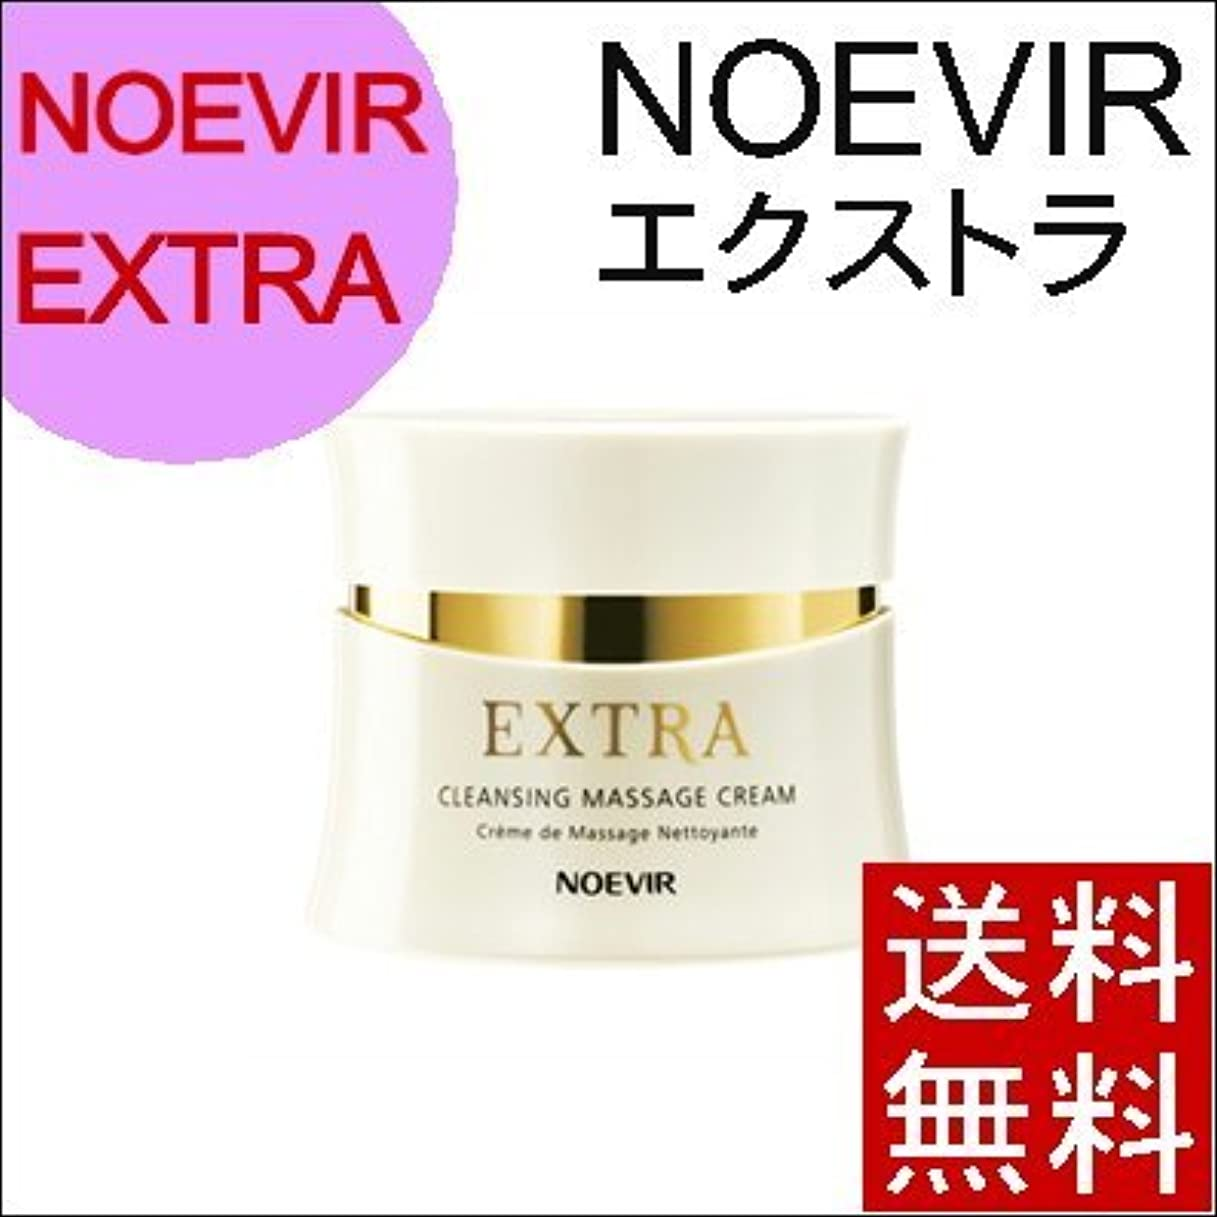 適格失態飽和するノエビア エクストラ 薬用クレンジングマッサージクリーム 120g 医薬部外品